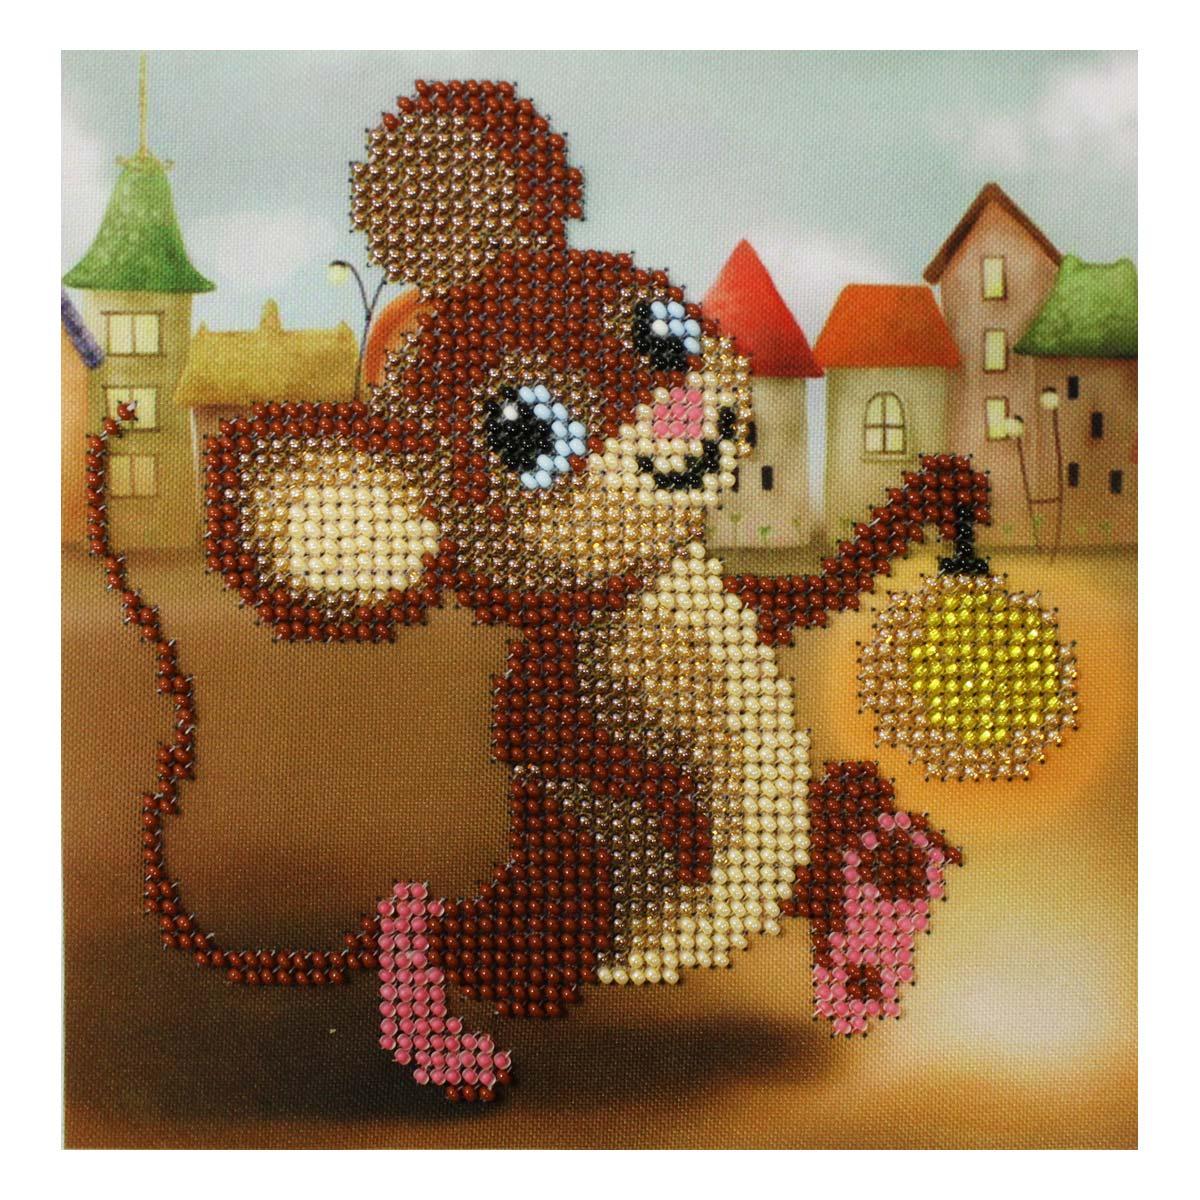 Б-0099 Набор для вышивания бисером 'Бисеринка' 'Мышонок с фонариком', 14*14 см